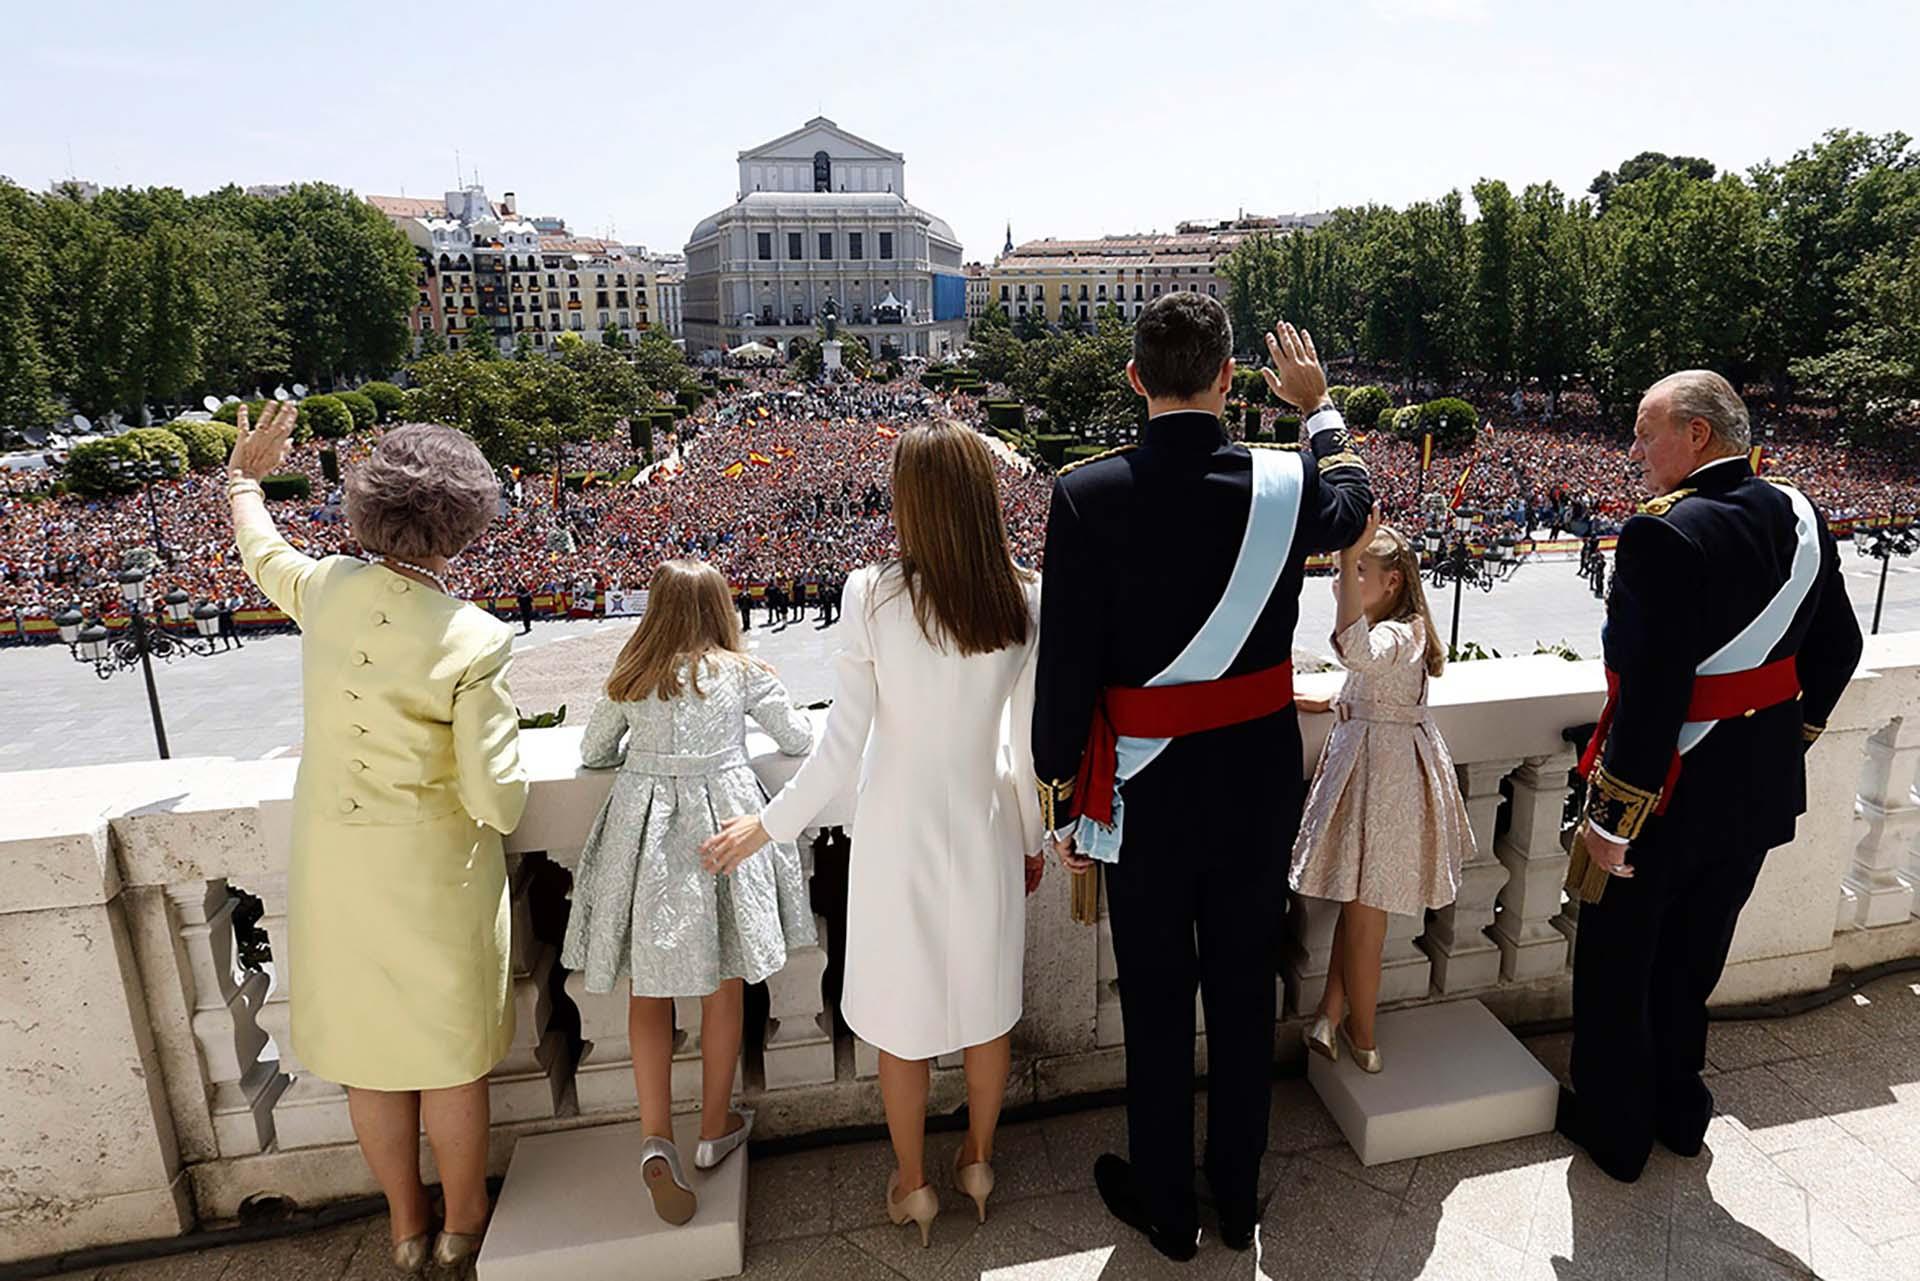 El nuevo rey Felipe VI,junto a su padre Juan Carlos, su madre la reina Sofía, su esposa y sus dos hijas, Leonor y Sofía, saludando a los españoles desde el balcón. La ceremonia fue otro gran acontecimiento para España.